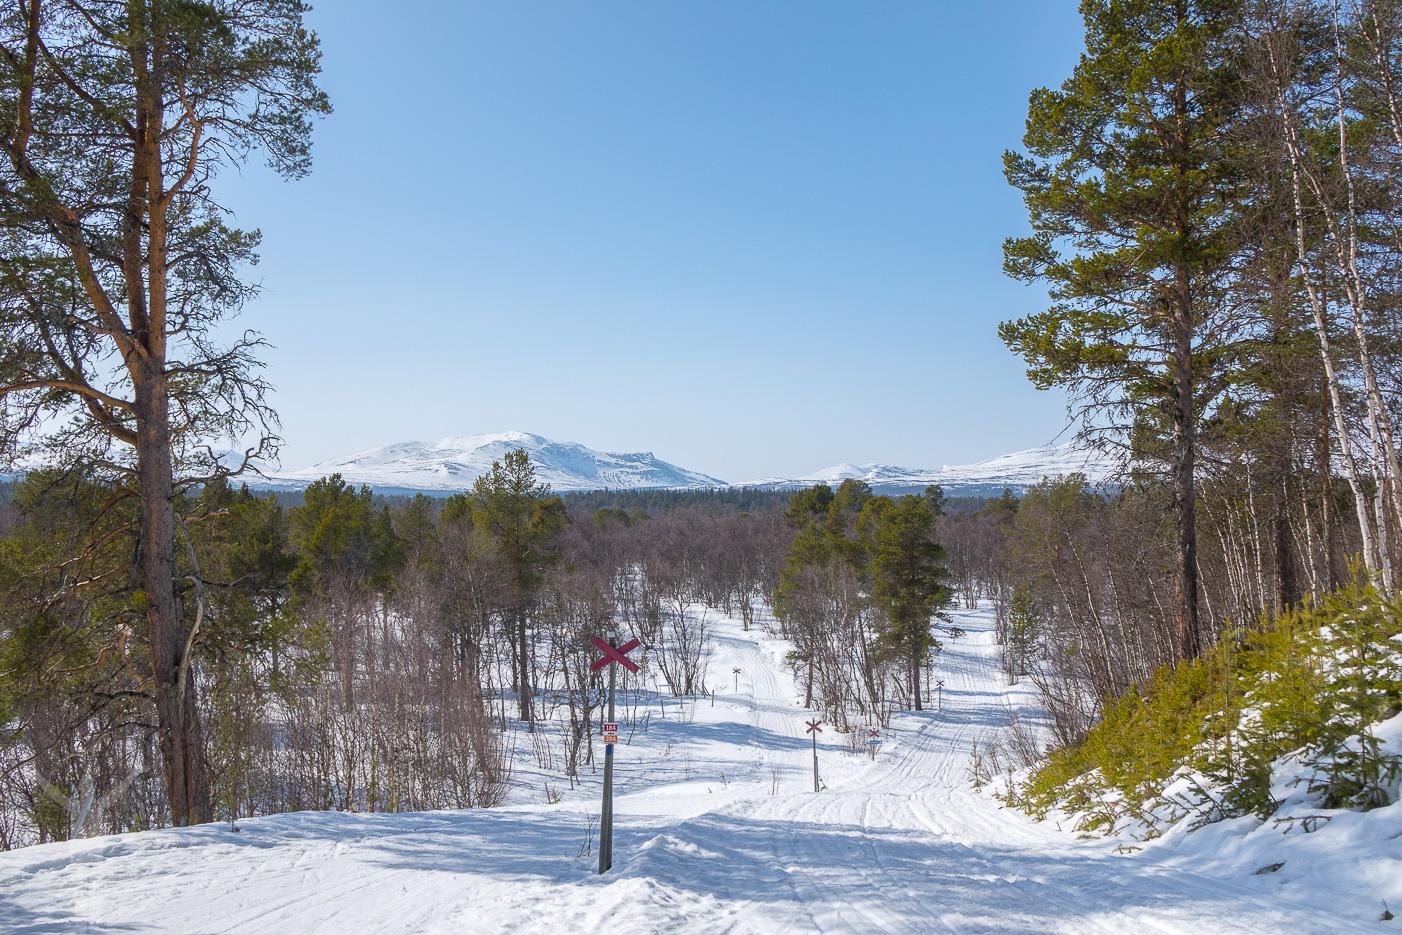 Vårvinter i Vålådalen, Jämtland